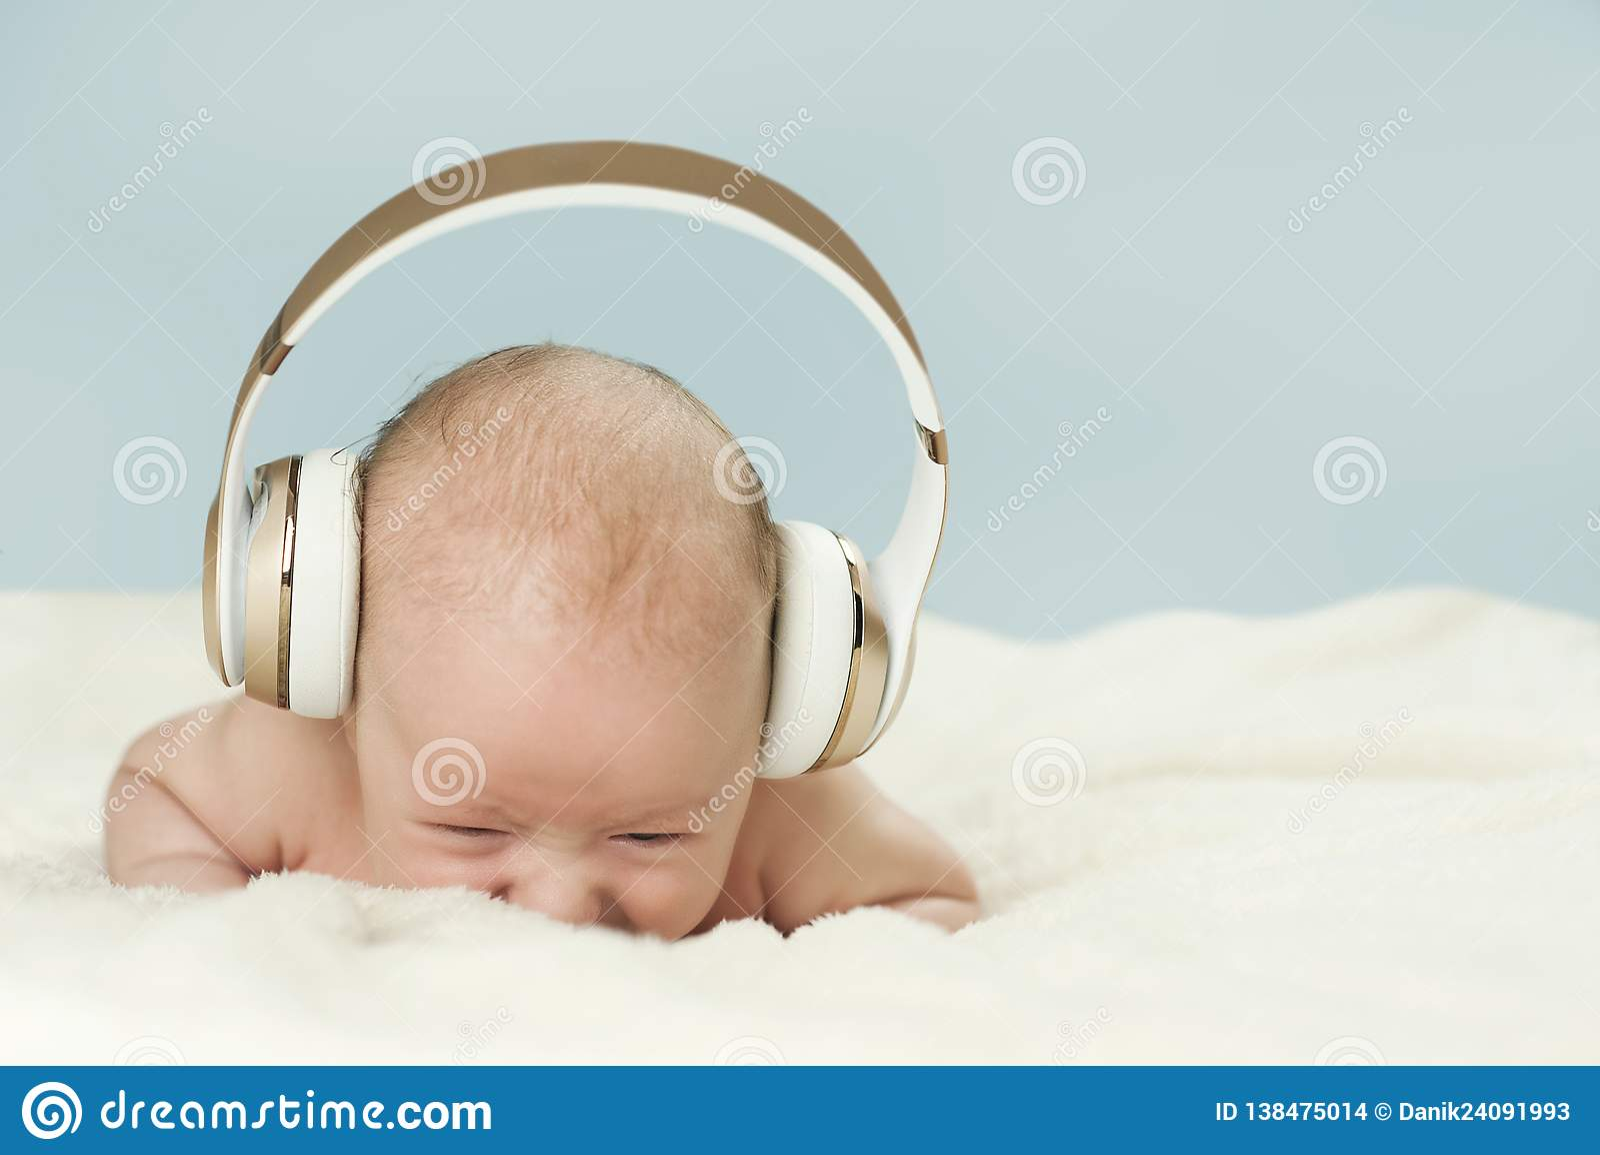 Mały piękny nowonarodzony dziecko słucha muzyka w dużych hełmofonach, odizolowywająca na błękitnym tle